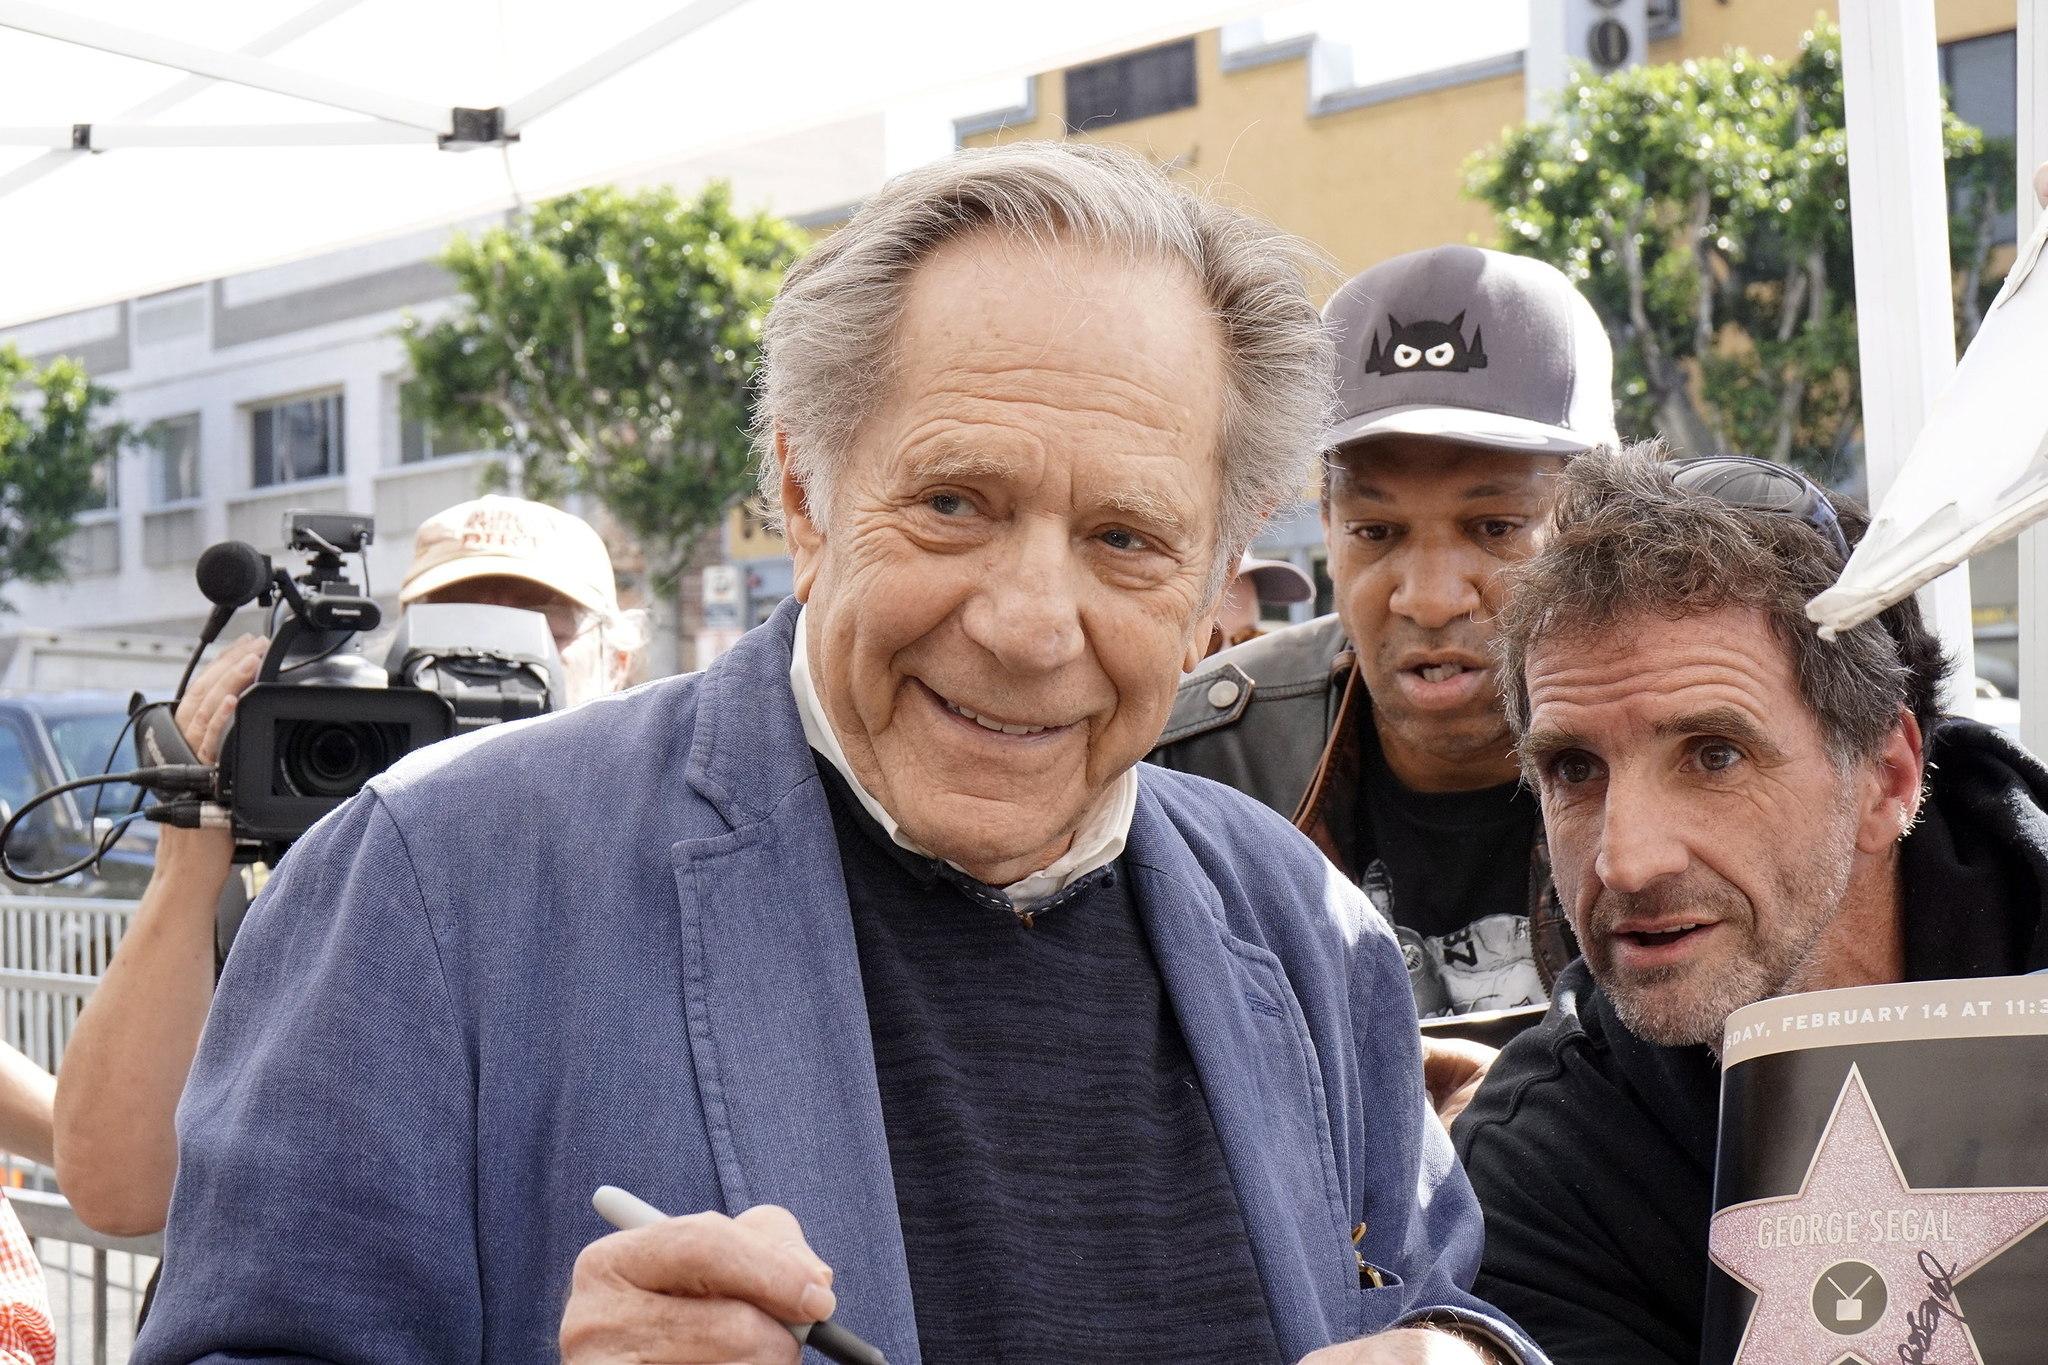 El actor estadounidense George Segal posa con sus fans en el Paseo de la Fama de Hollywood durante la ceremonia de entrega de la estrella del Paseo de la Fama de Hollywood en Hollywood, California, Estados Unidos.